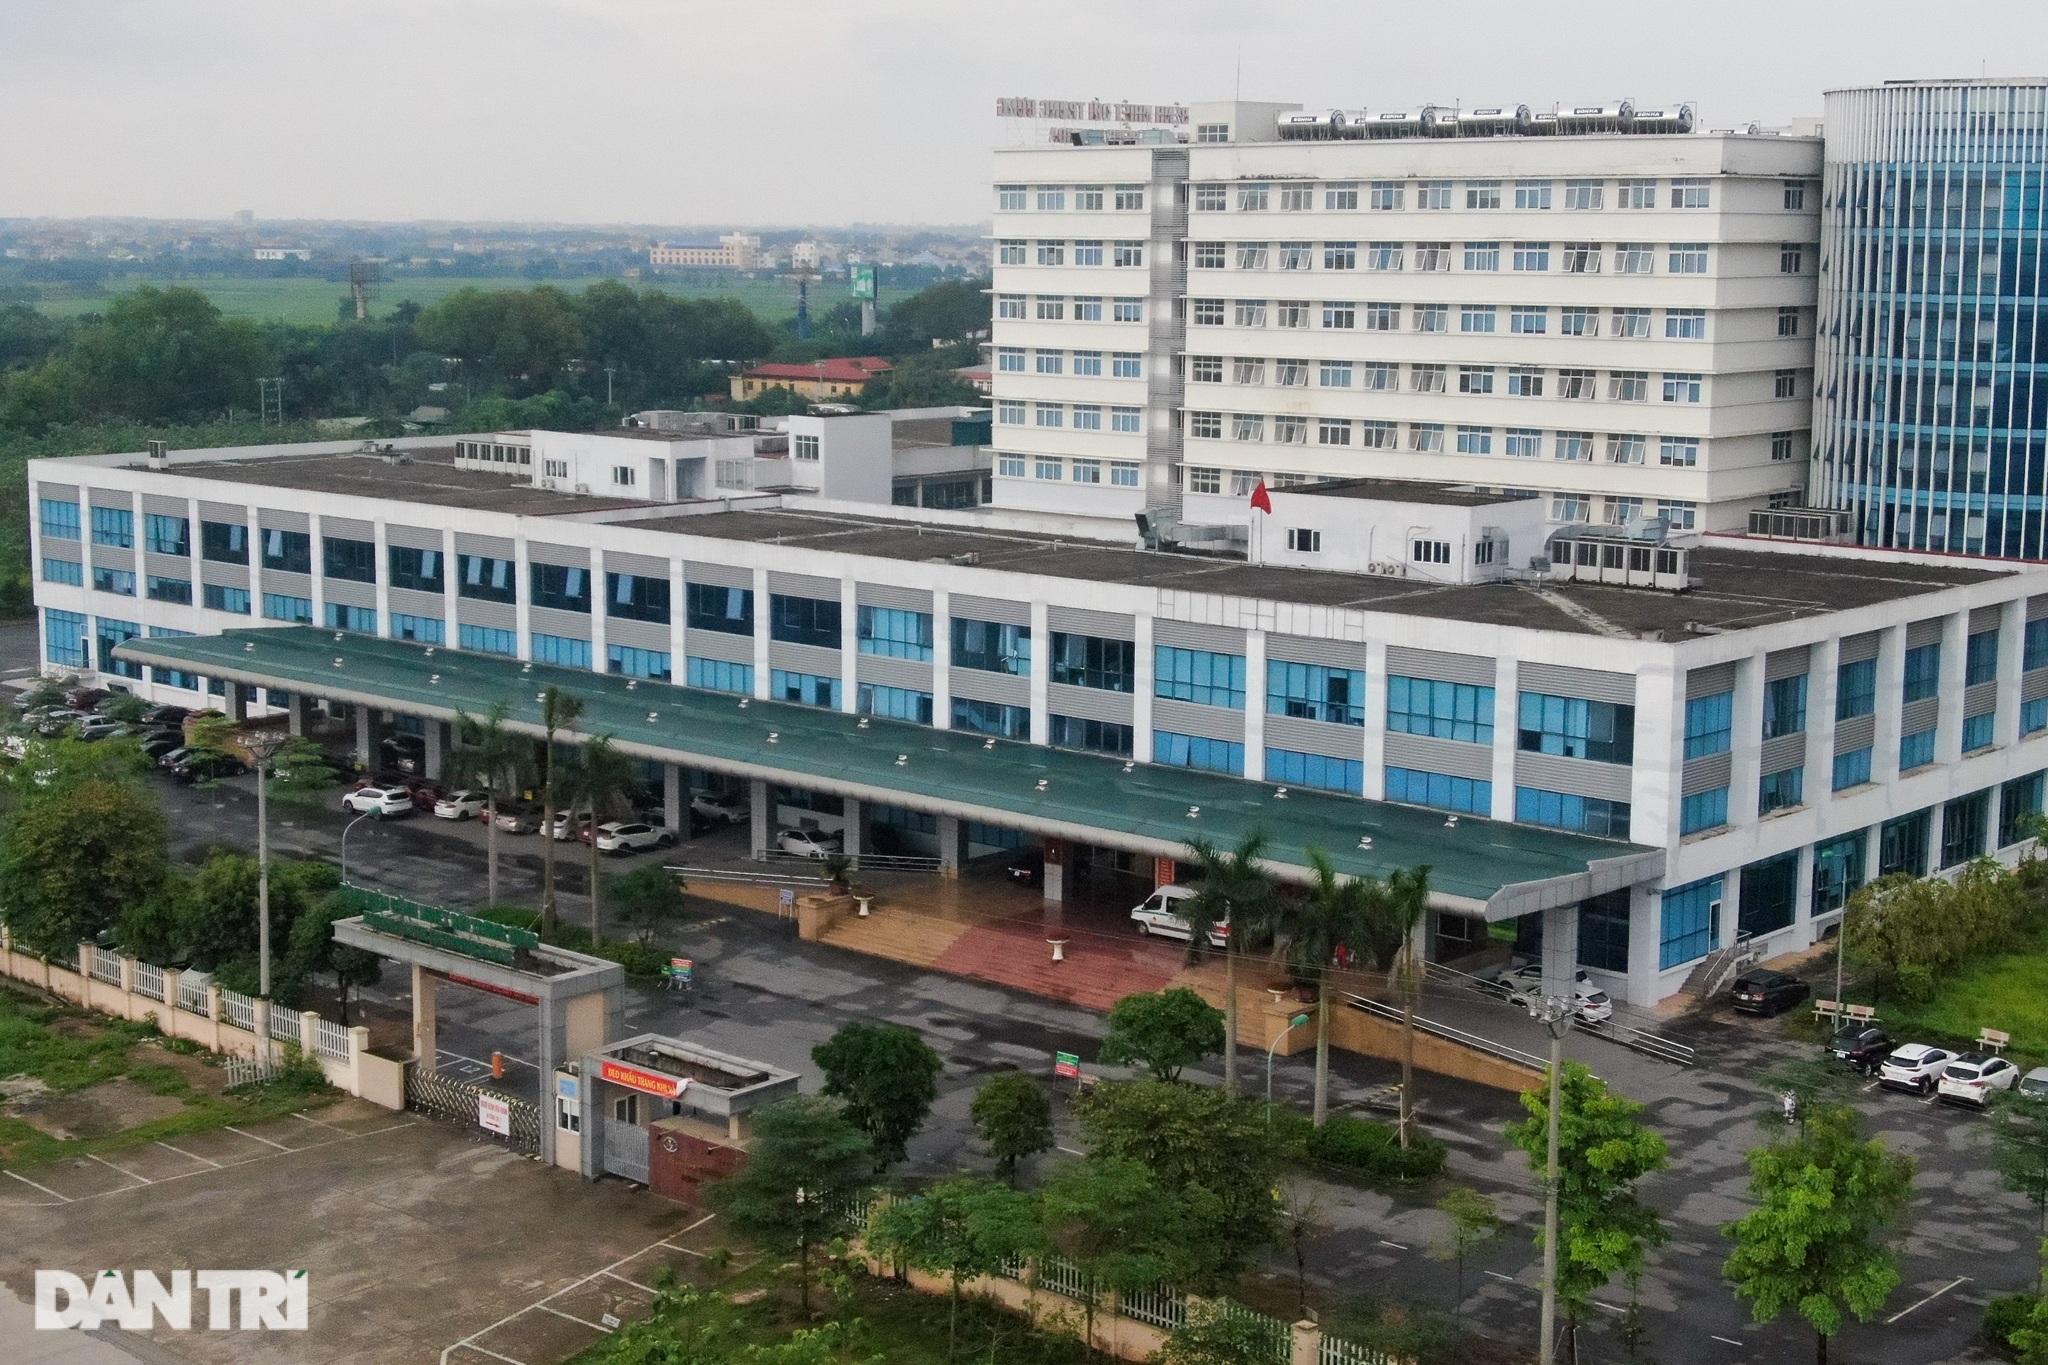 Nội bất xuất, ngoại bất nhập khi phong tỏa Bệnh viện Bệnh Nhiệt đới TƯ 2 - 1